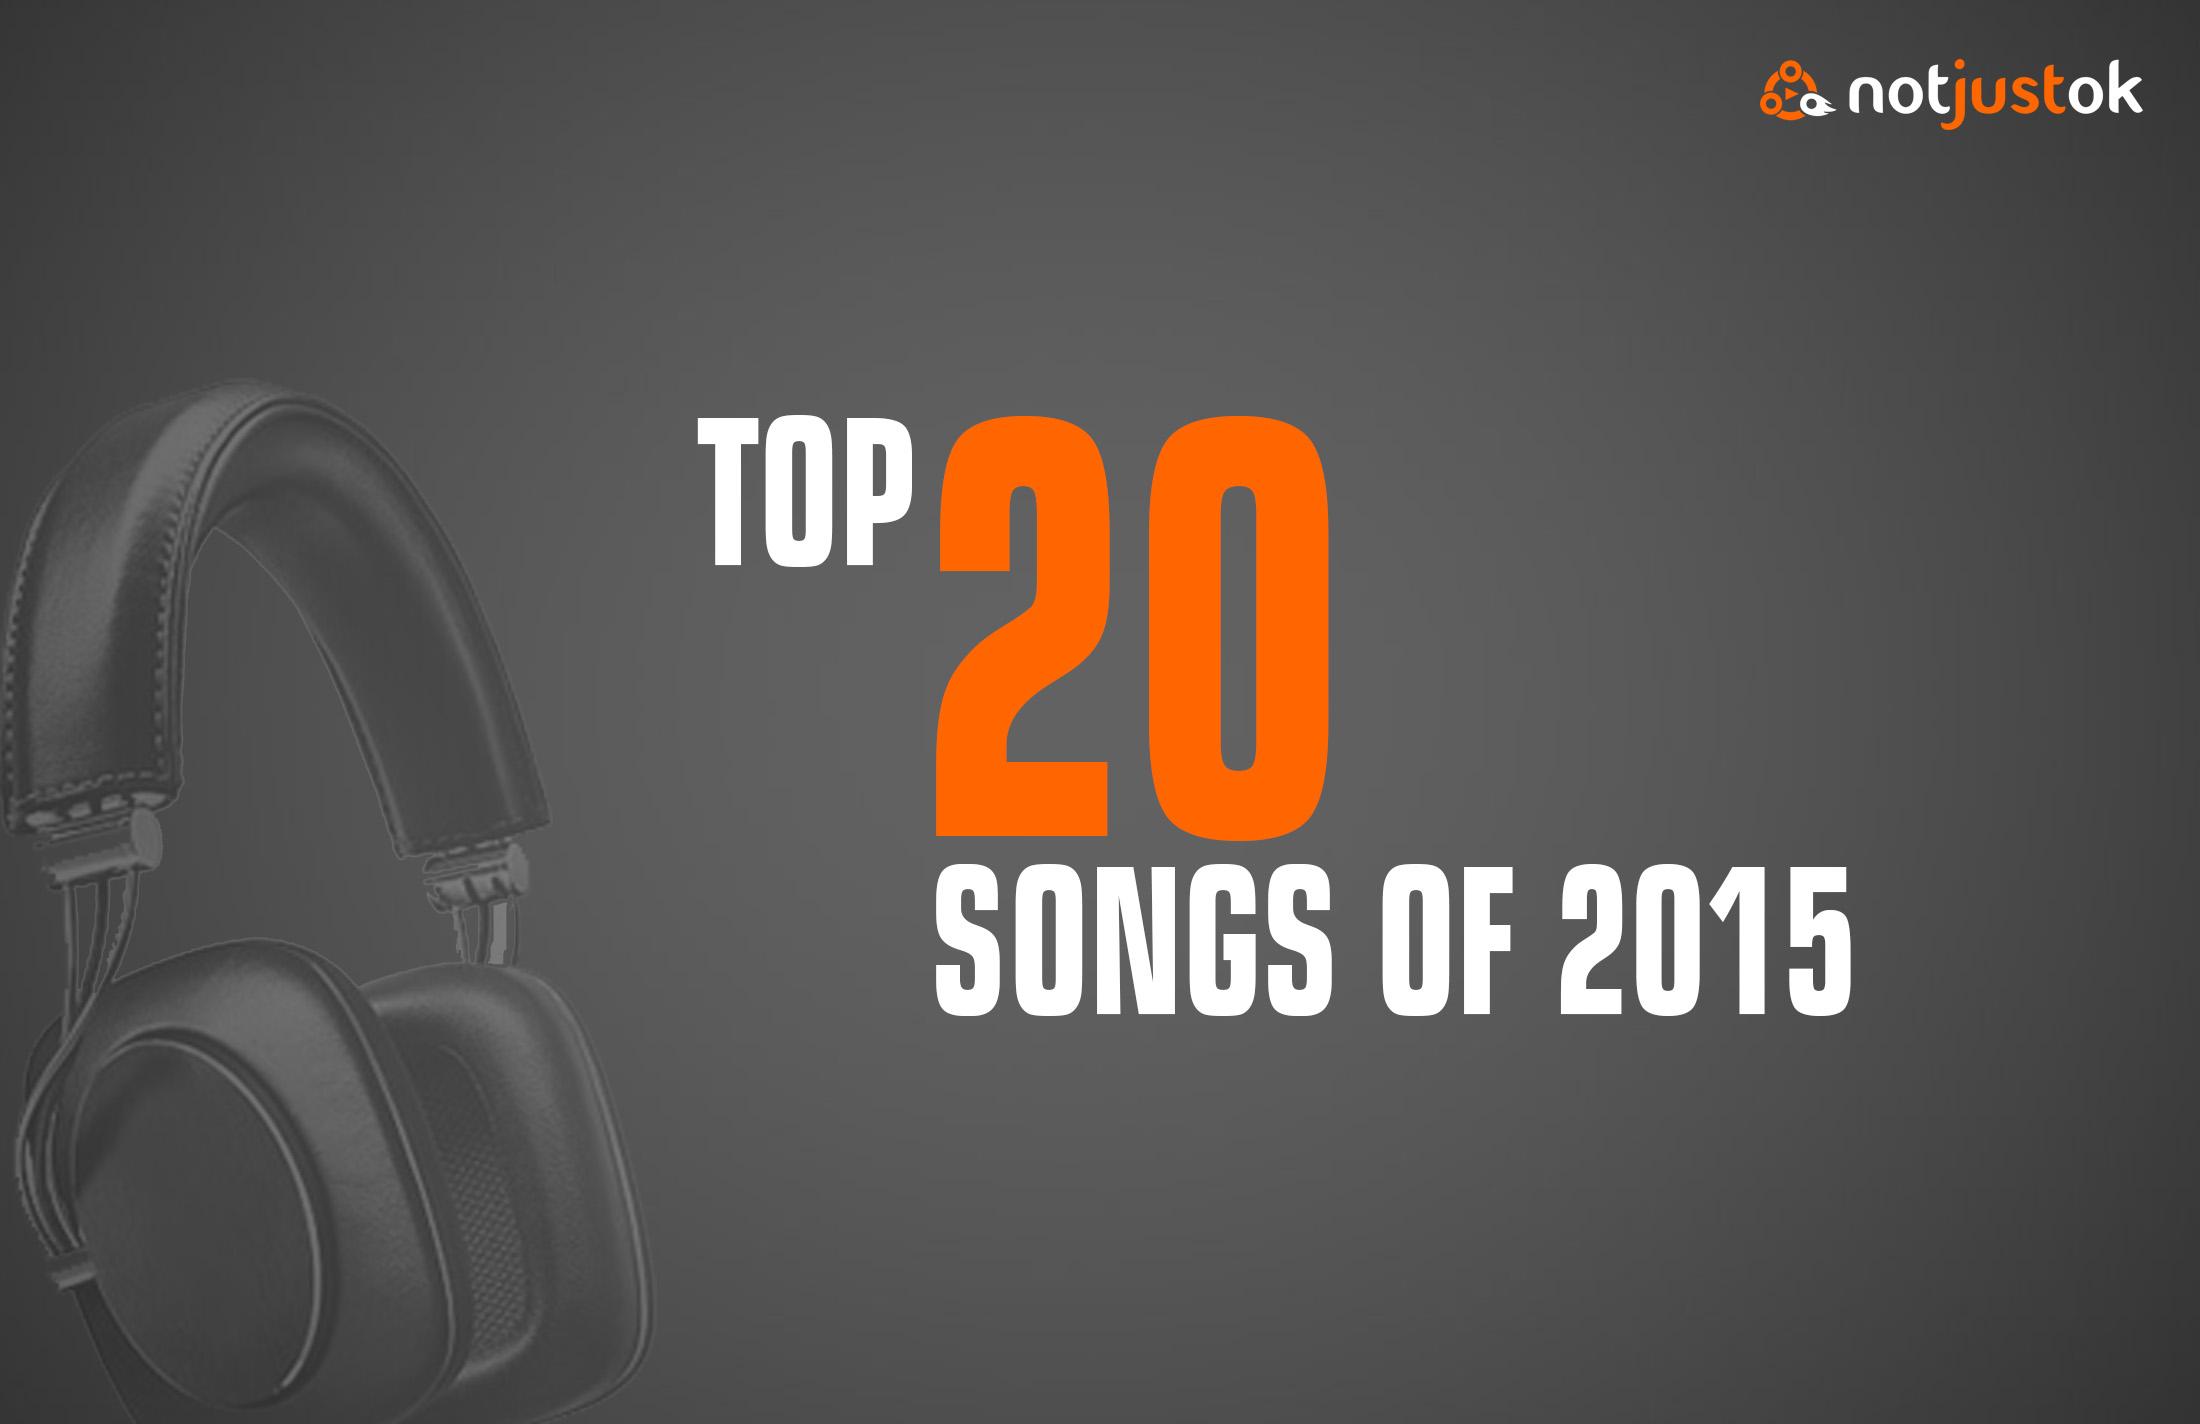 Top 20 Songs of 2015_Final